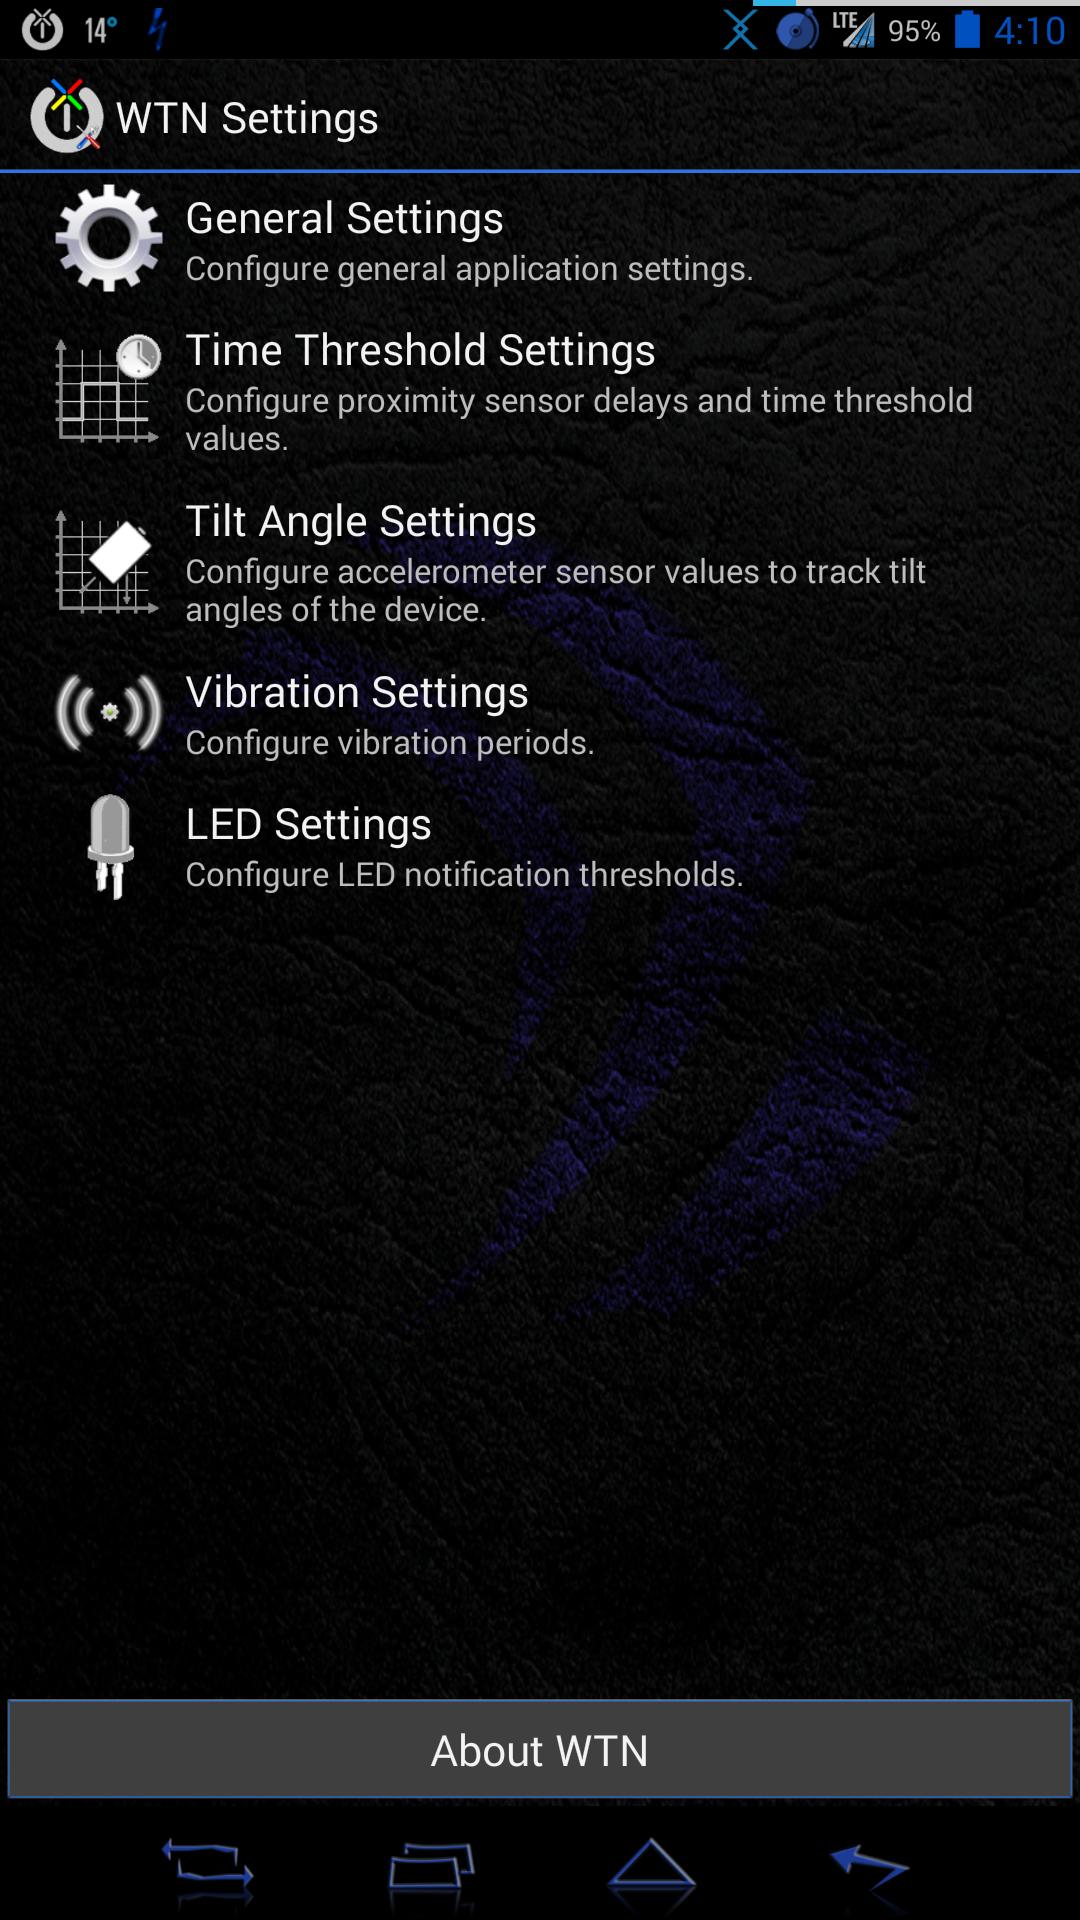 [APP] Wakeup Touch Nexus : Réveiller le téléphone sans utiliser le bouton POWER KWg22nxp